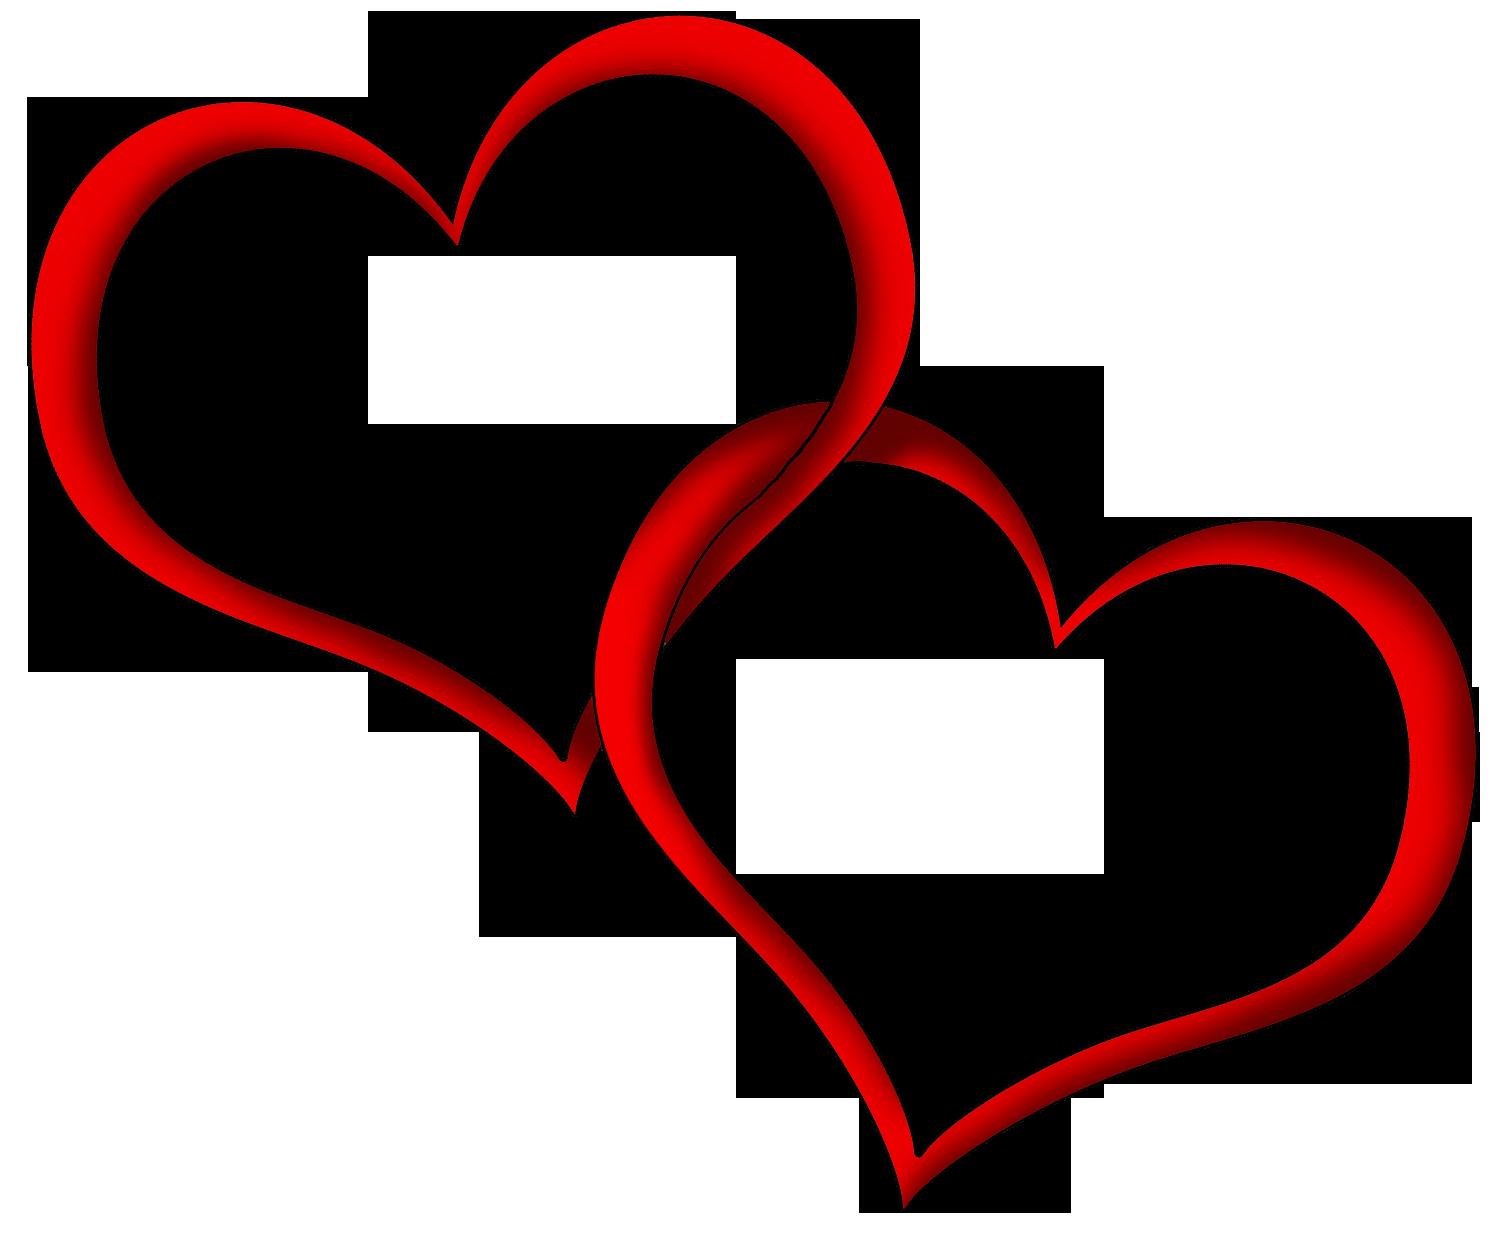 Hearts PNG HD  - 126520